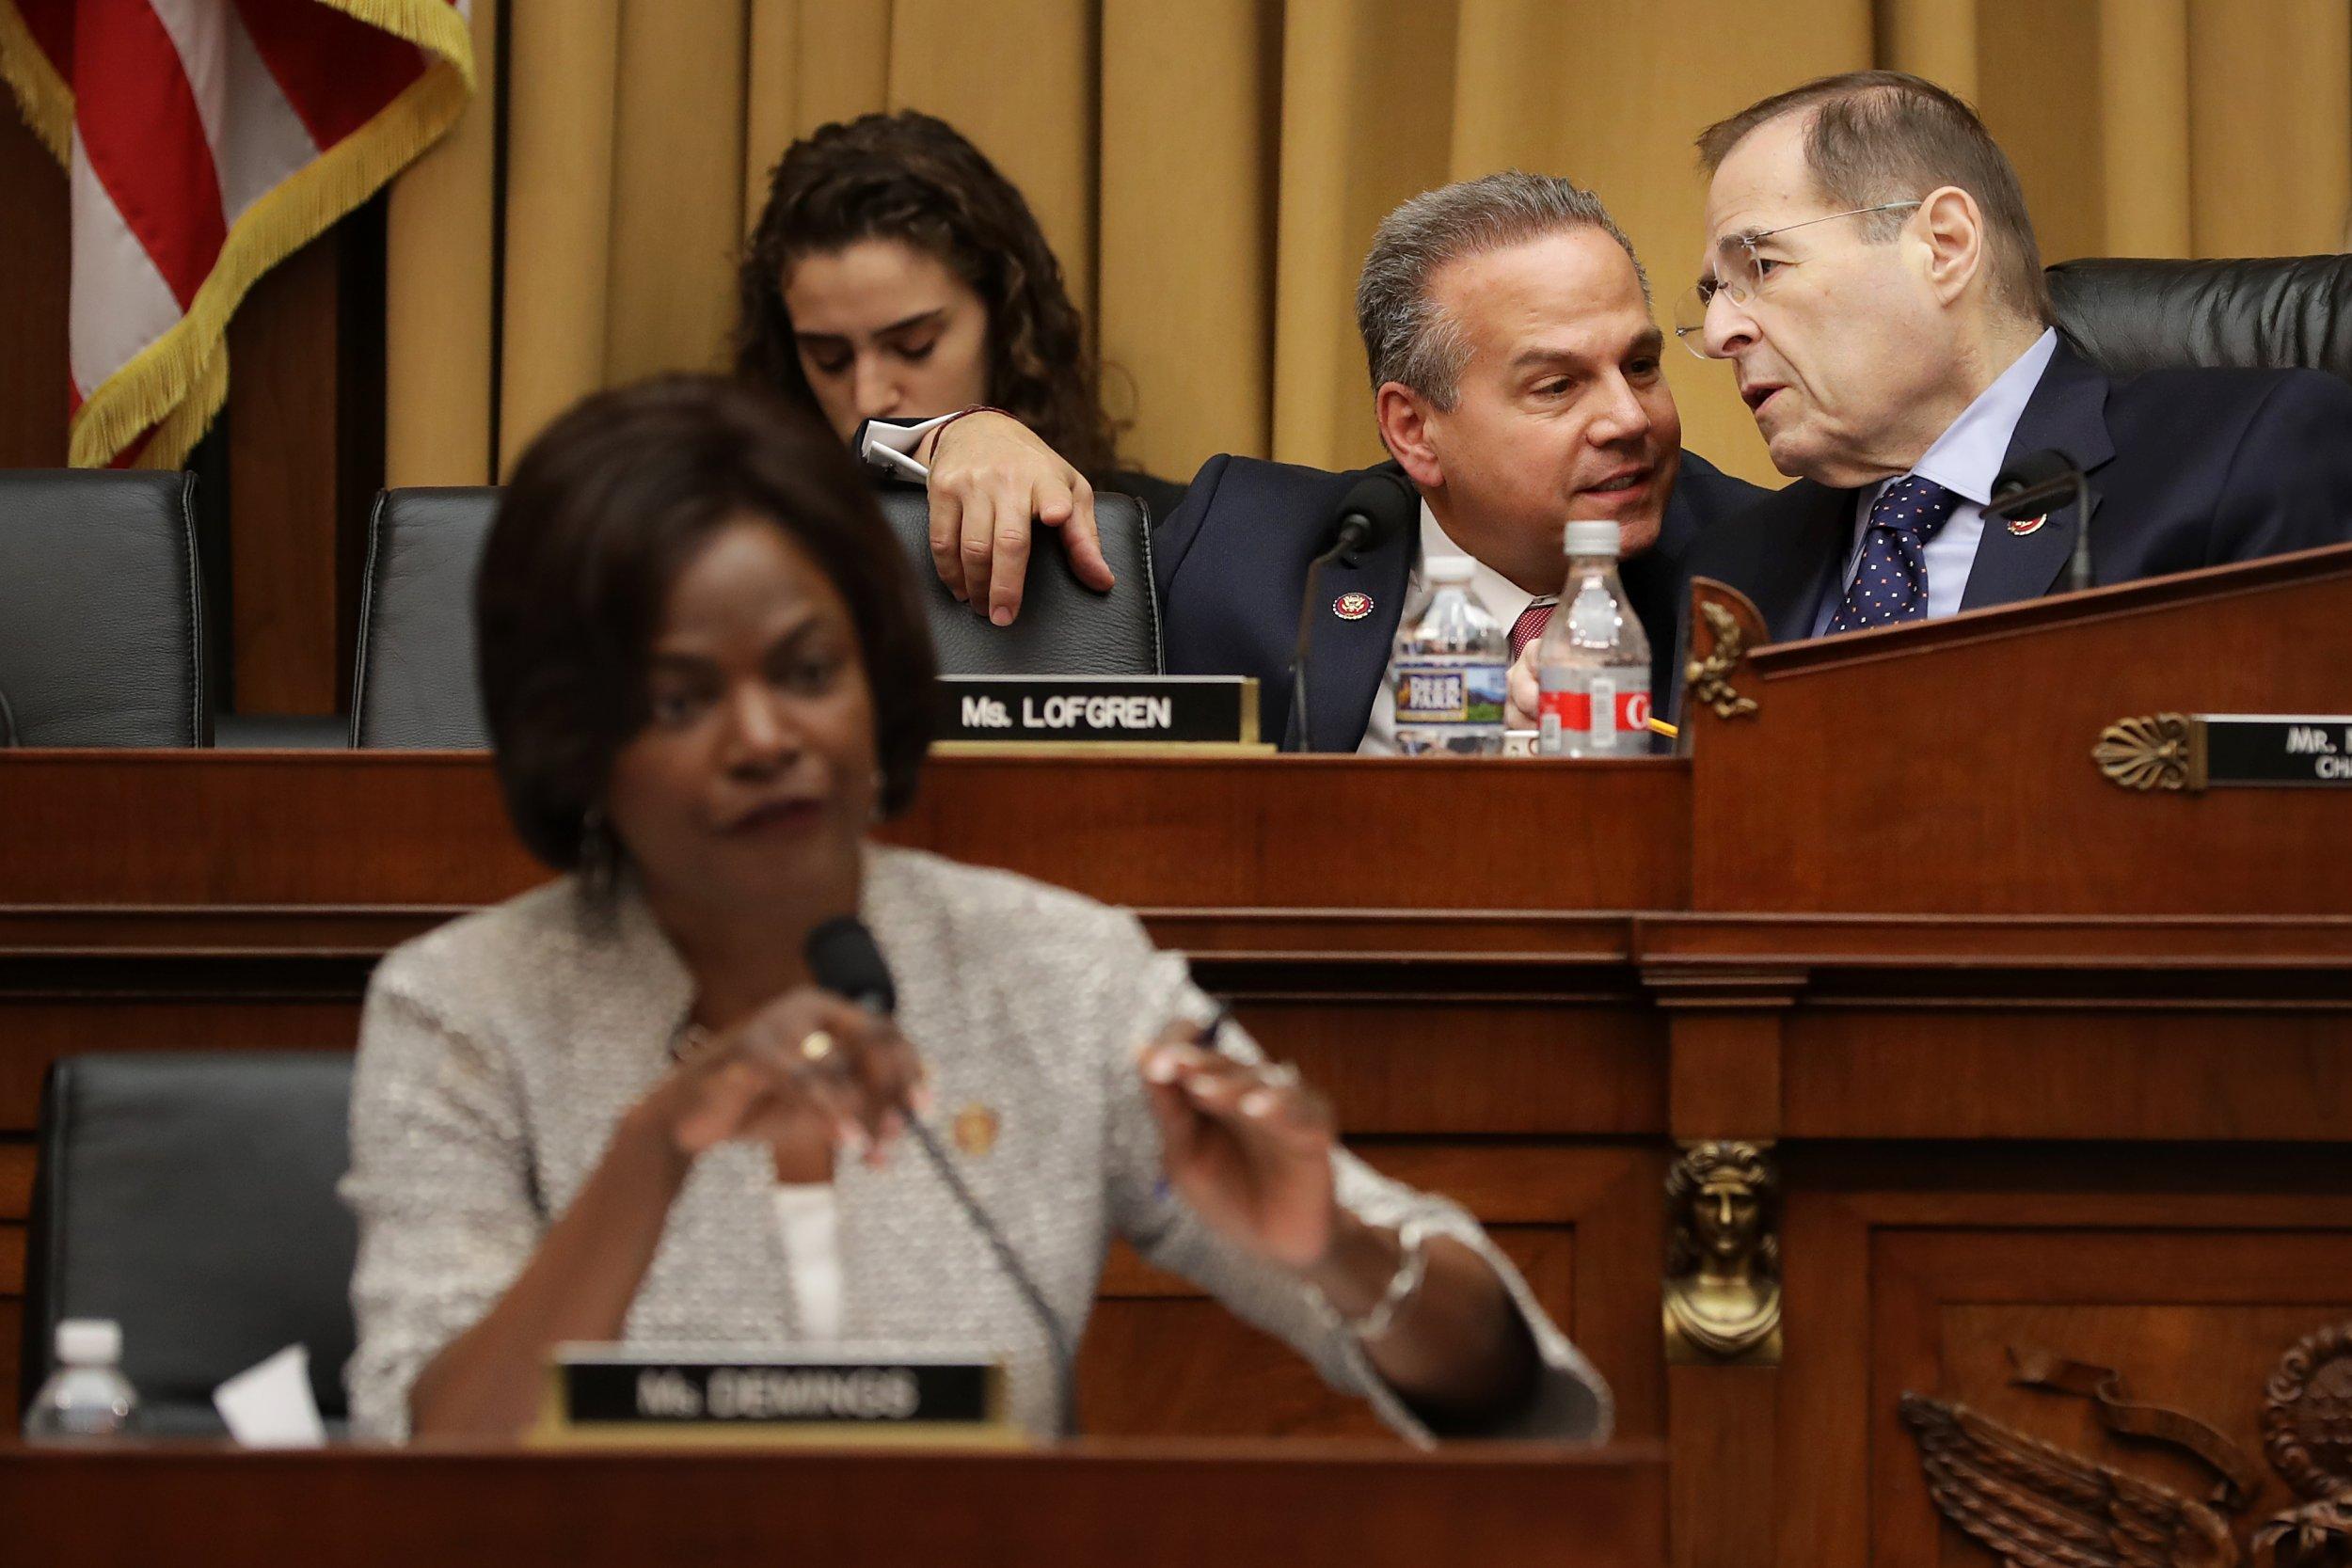 Democrats, Mueller, report, redactions, disagreements